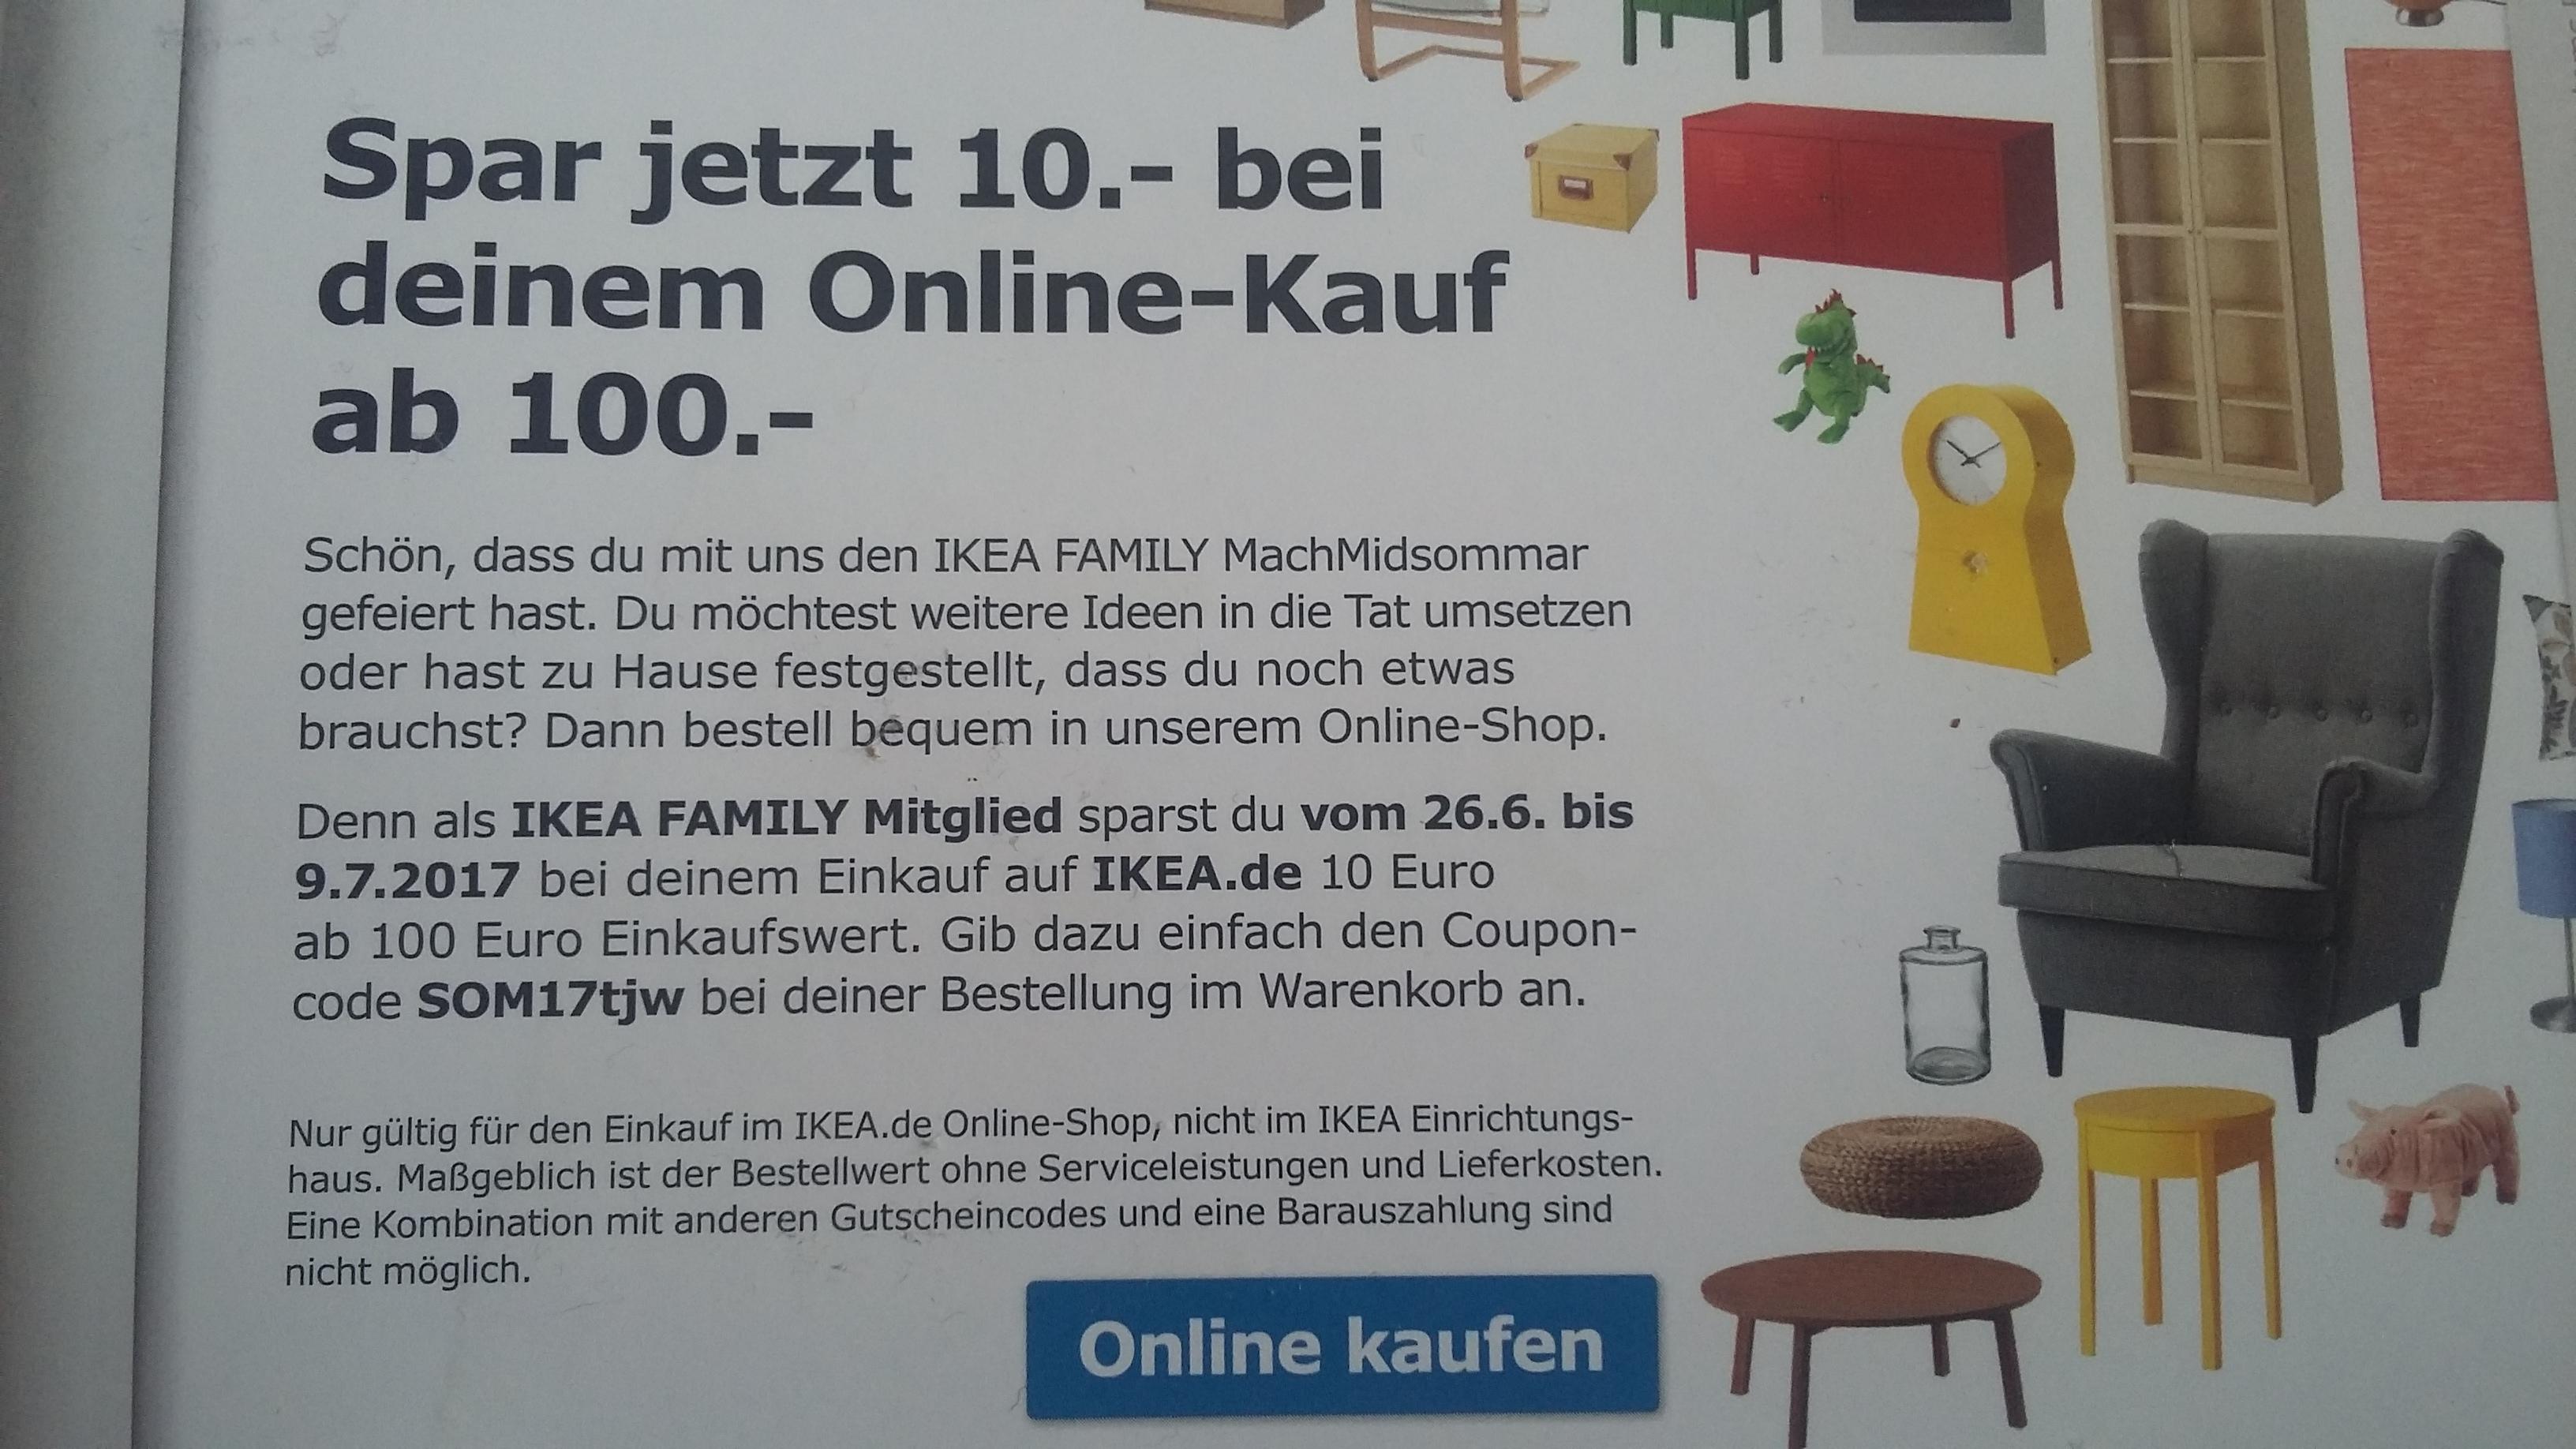 10euro gutschein 100mbw f r ikea family mitglieder. Black Bedroom Furniture Sets. Home Design Ideas